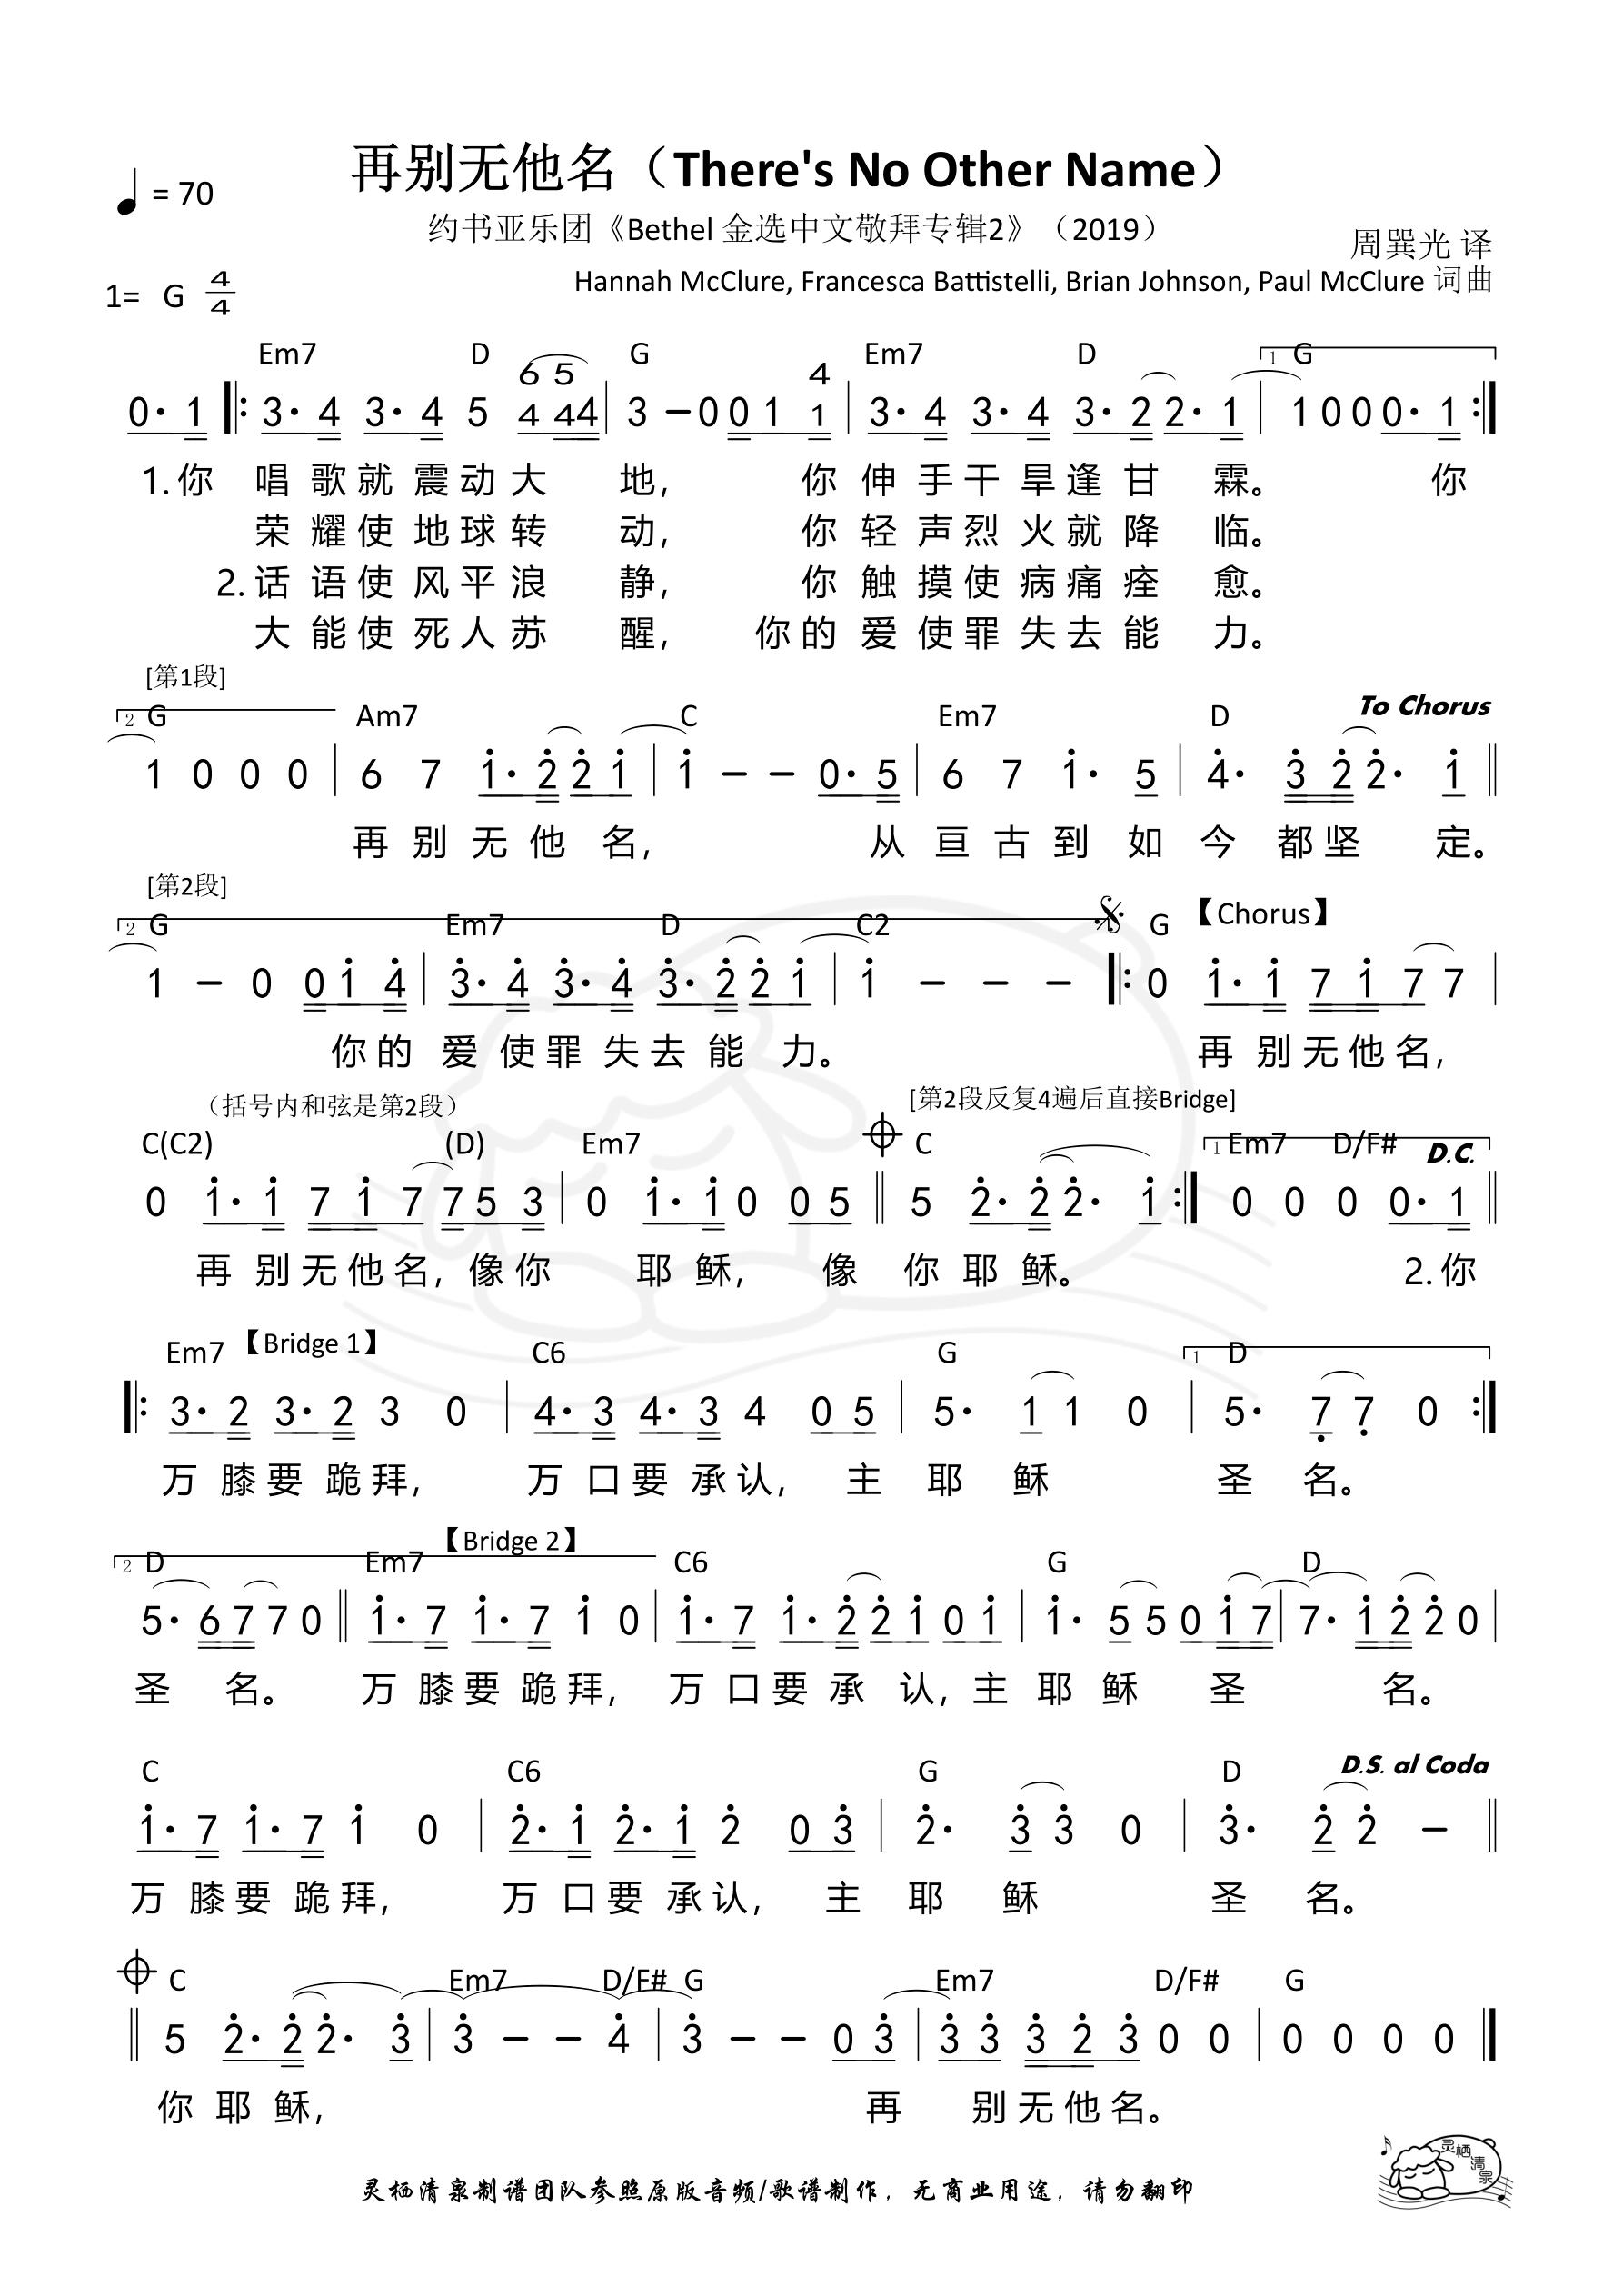 《第190首 - 再别无他名 和弦简谱》